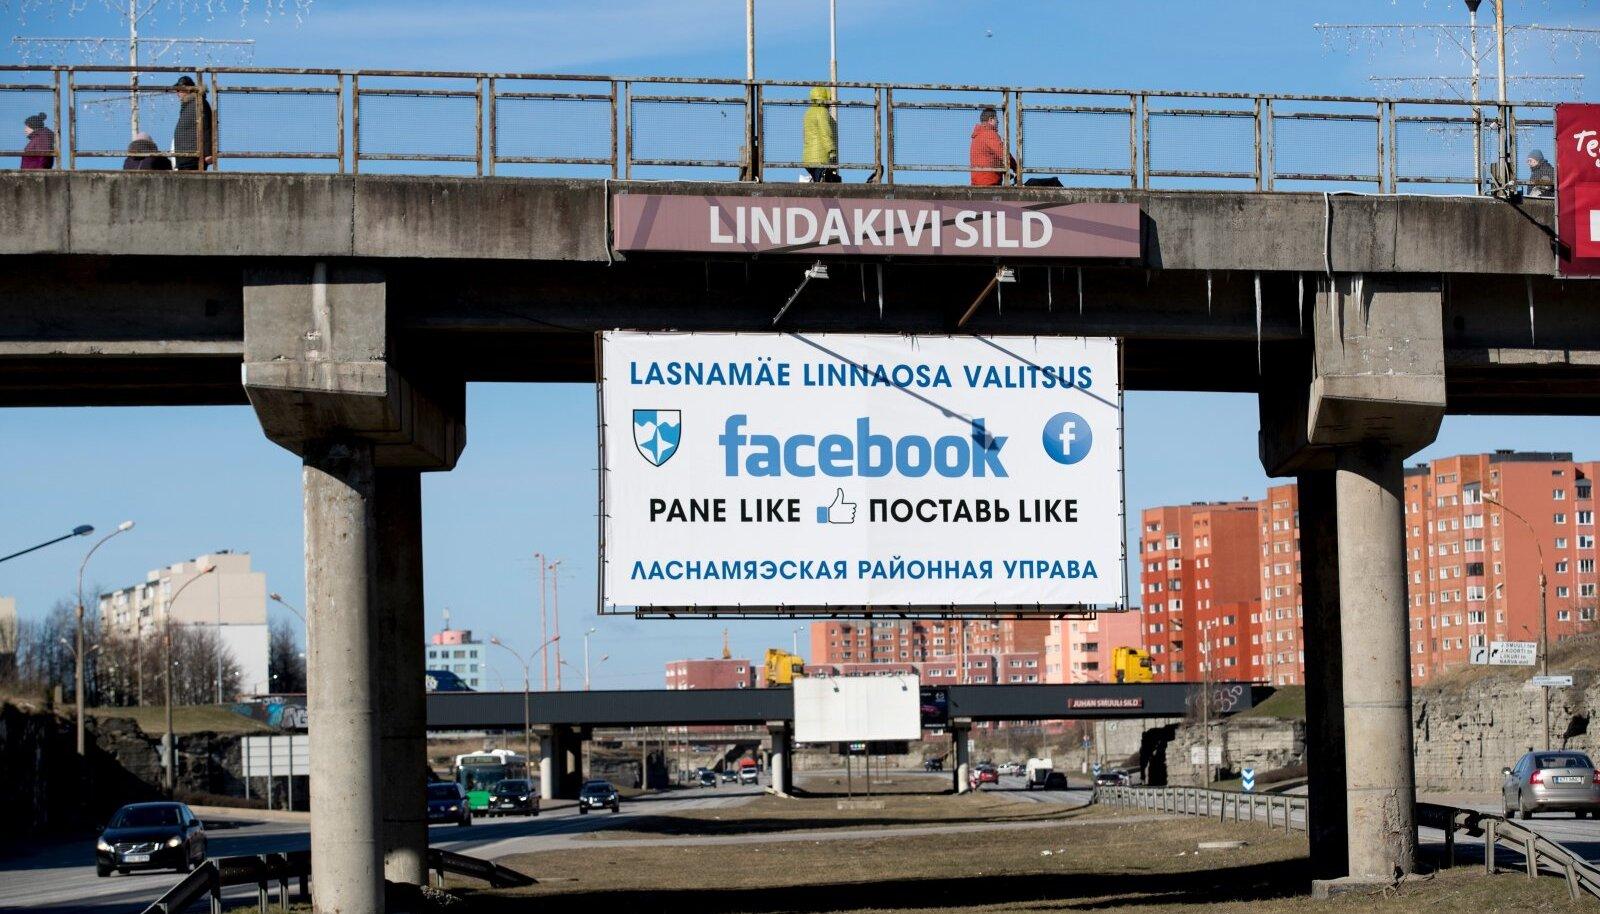 Lasnamäe linnaosavalitsuse plakat Lasnamäe kanalis